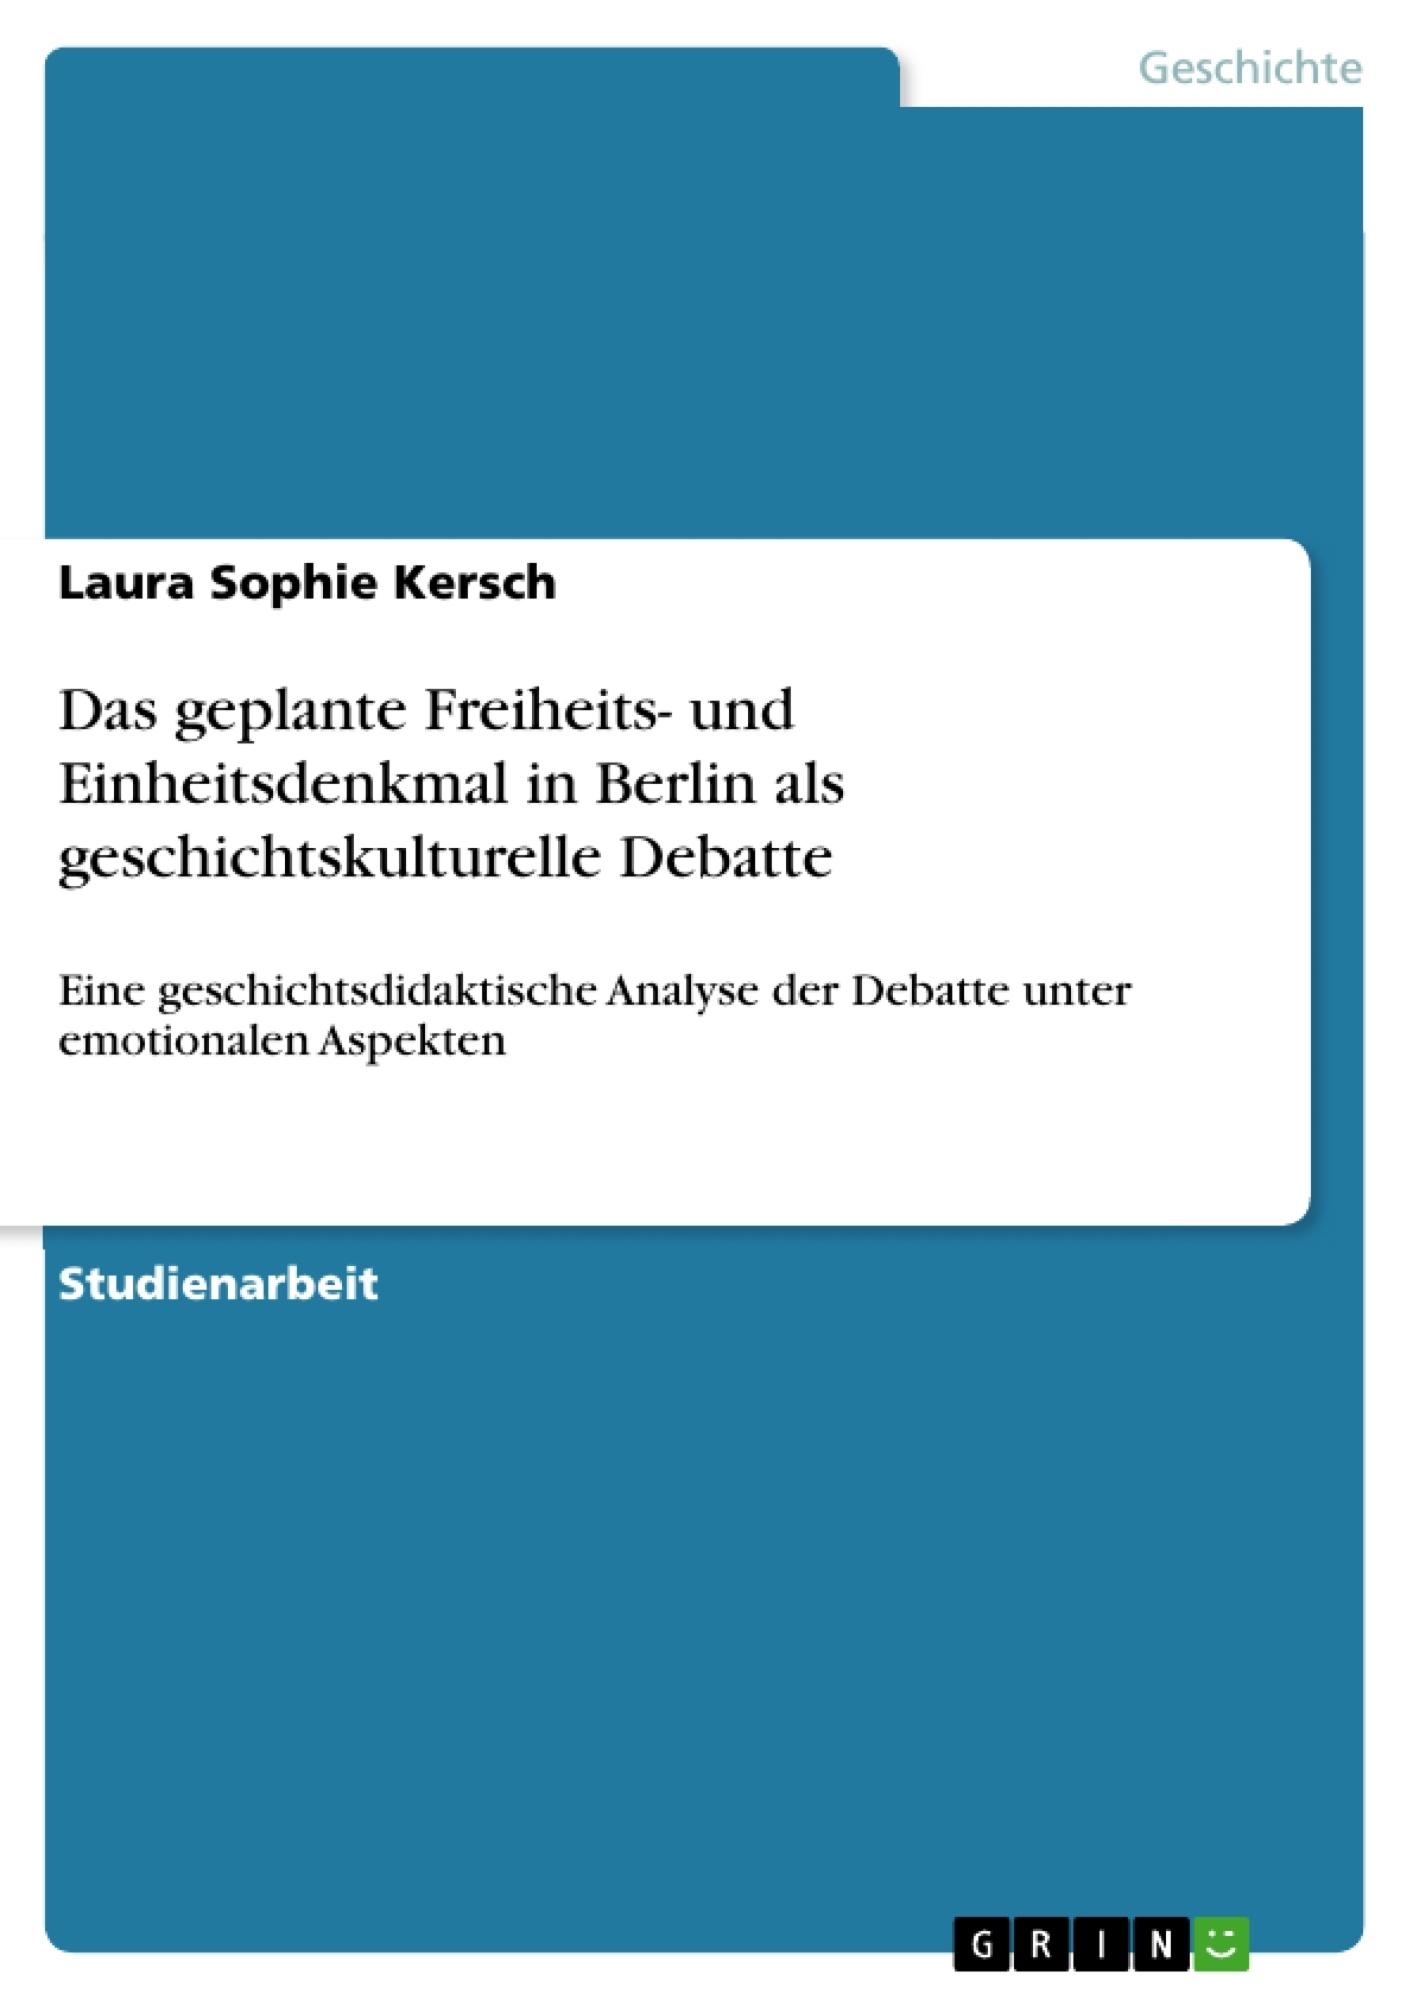 Titel: Das geplante Freiheits- und Einheitsdenkmal in Berlin als geschichtskulturelle Debatte